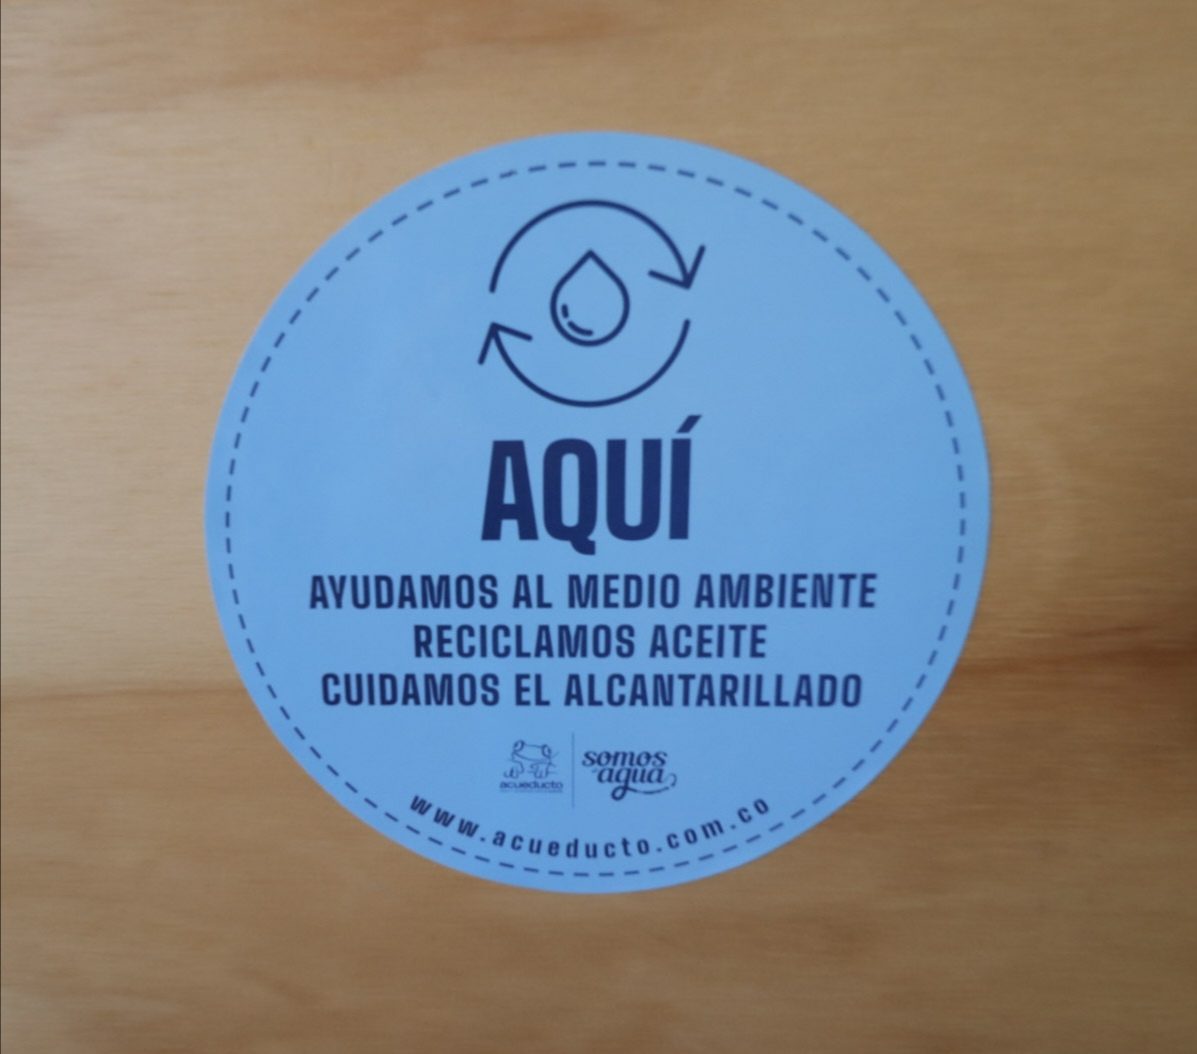 Acueducto de Bogotá y Fedepalma promueven uso adecuado del aceite de cocina